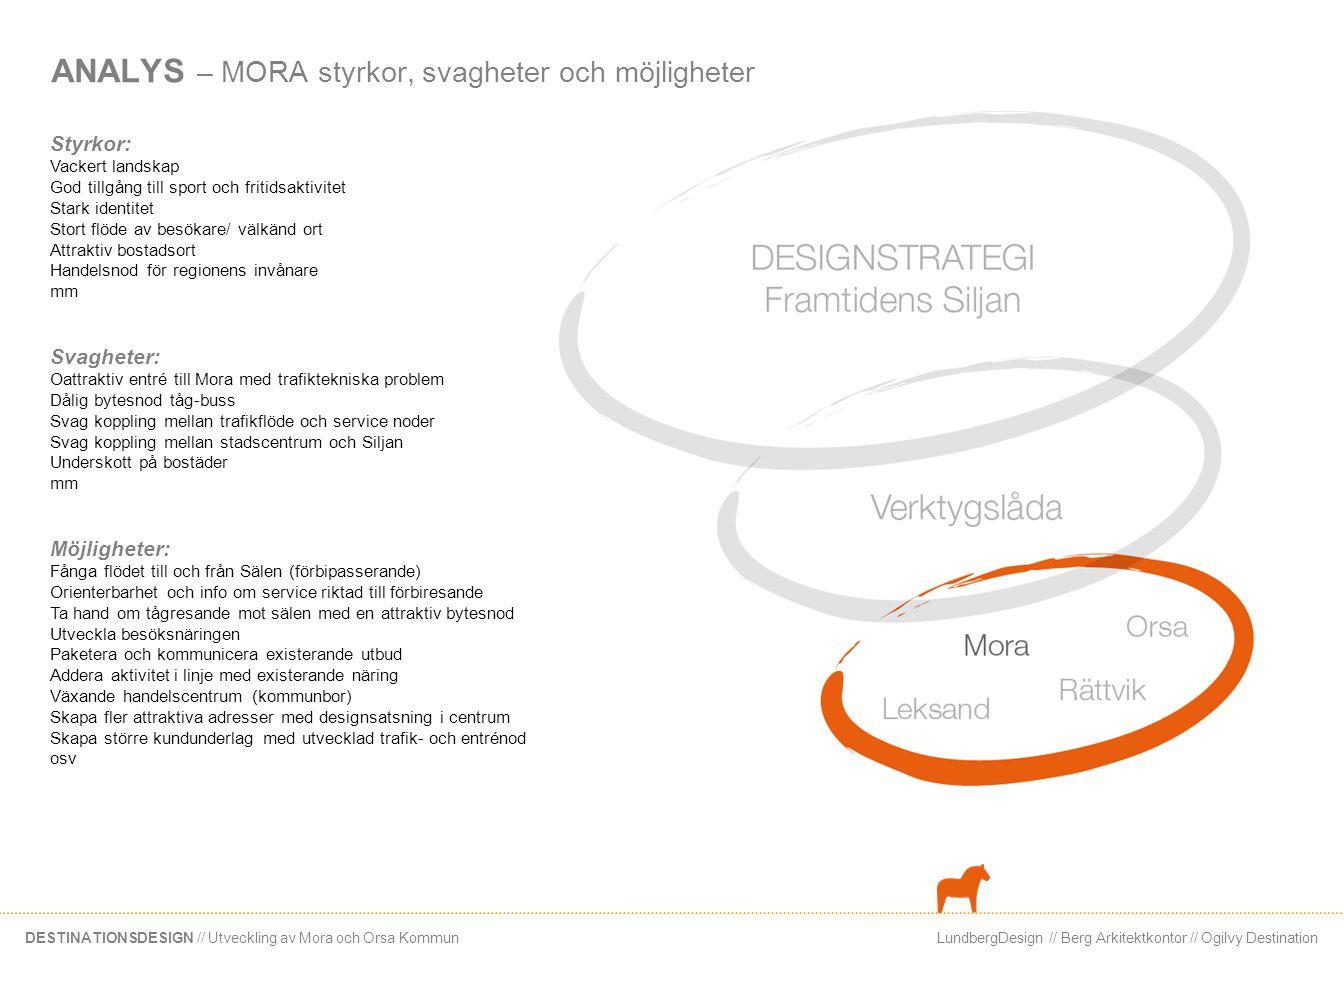 LundbergDesign // Berg Arkitektkontor // Ogilvy DestinationDESTINATIONSDESIGN // Utveckling av Mora och Orsa Kommun ANALYS – MORA styrkor, svagheter o